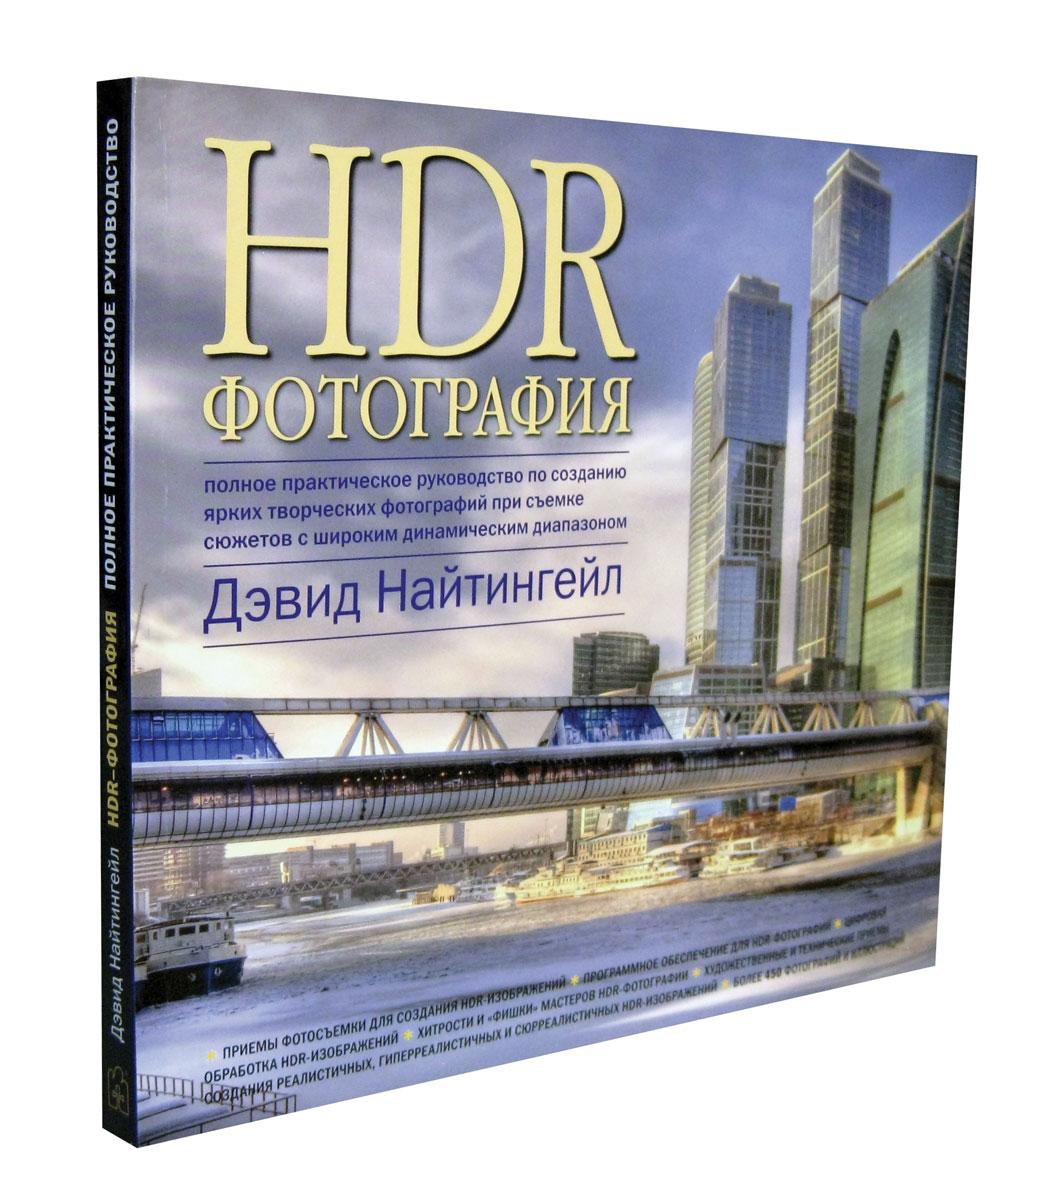 HDR-фотография. Полное практическое руководство по созданию ярких творческих фотографий при съемке сюжетов с широким динамическим диапазоном